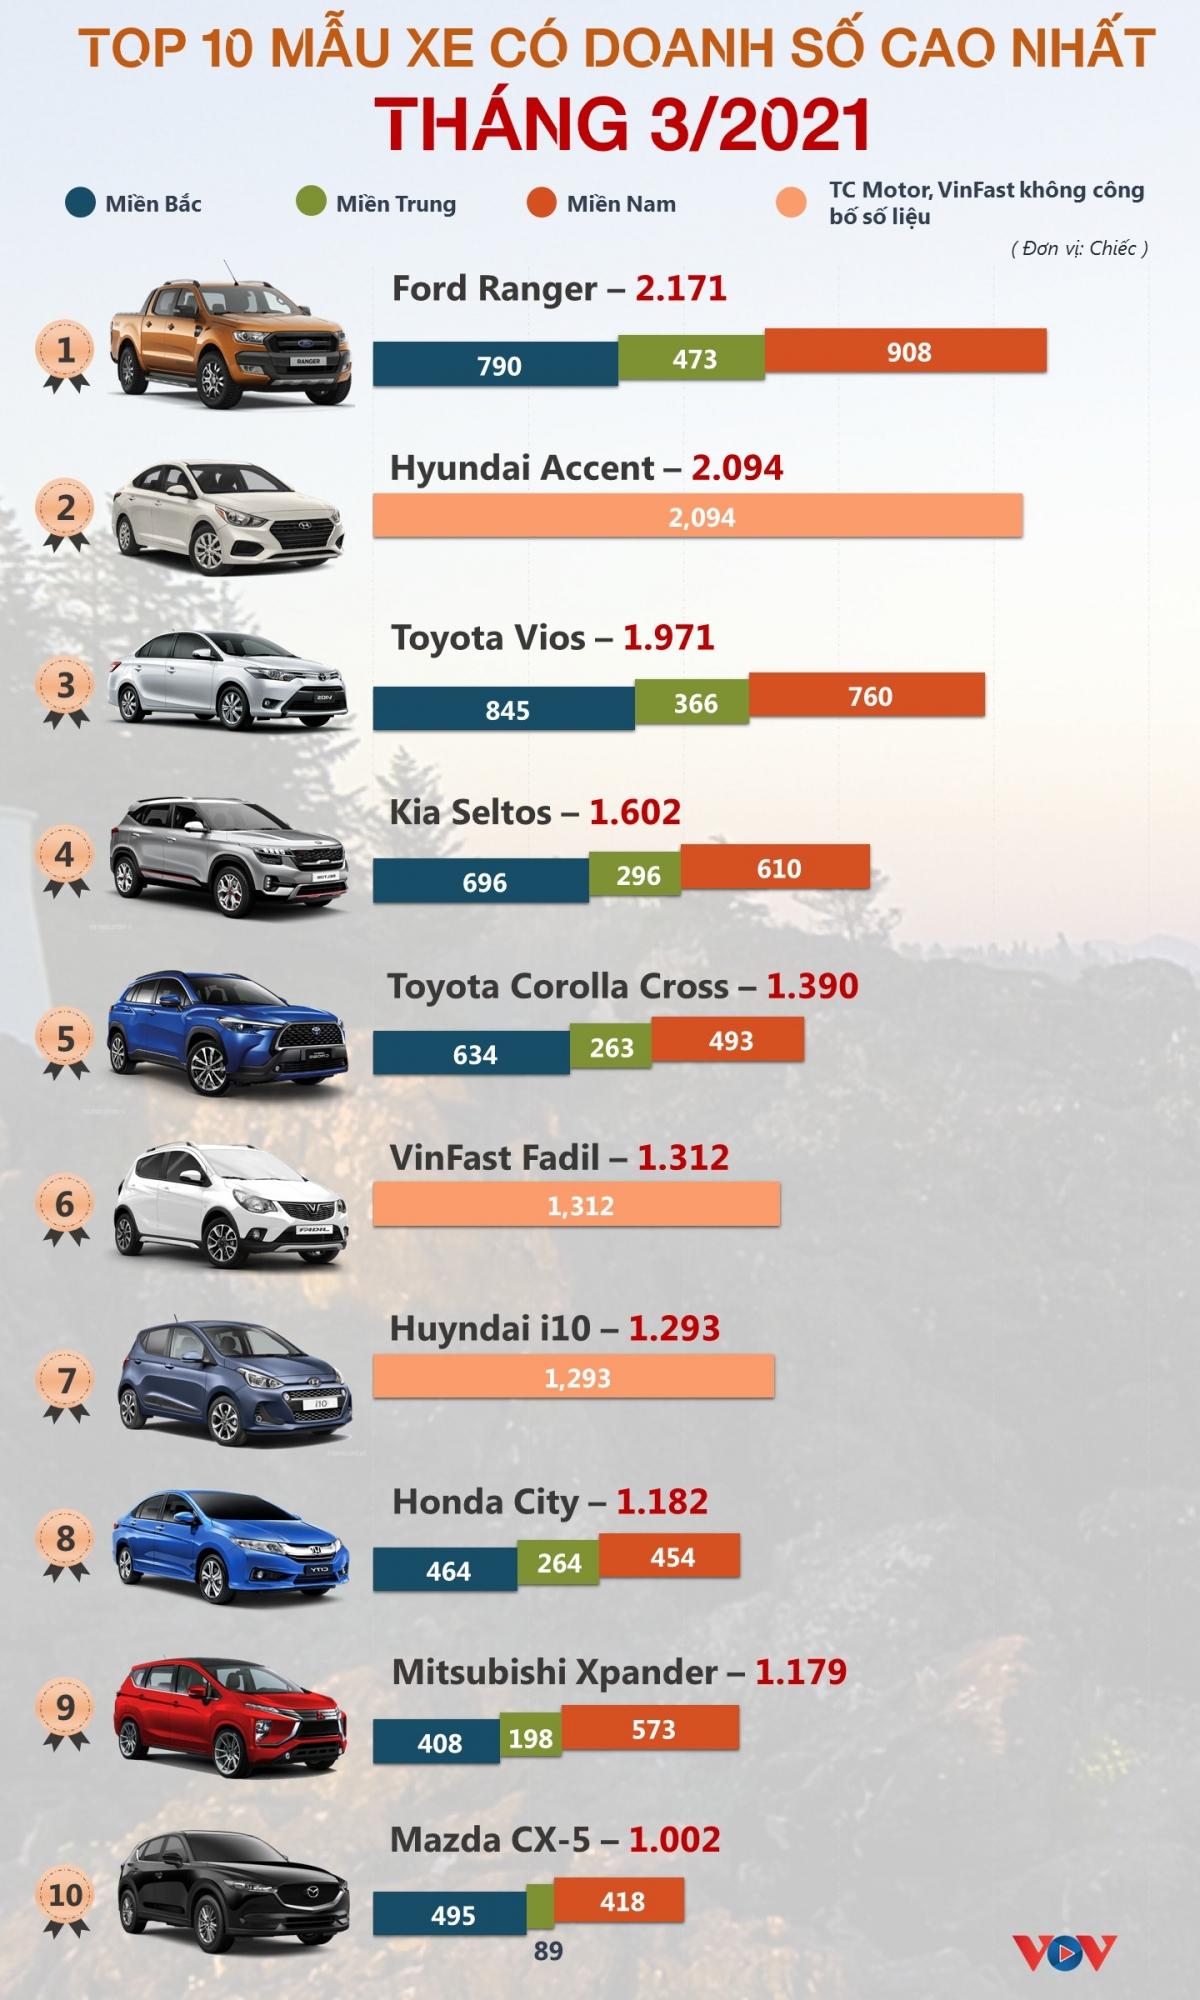 ** Danh sách được lập dựa trên số liệu công bố của VAMA (Hiệp hội các nhà sản xuất ô tô Việt Nam) và TC Motor, VinFast hàng tháng./.